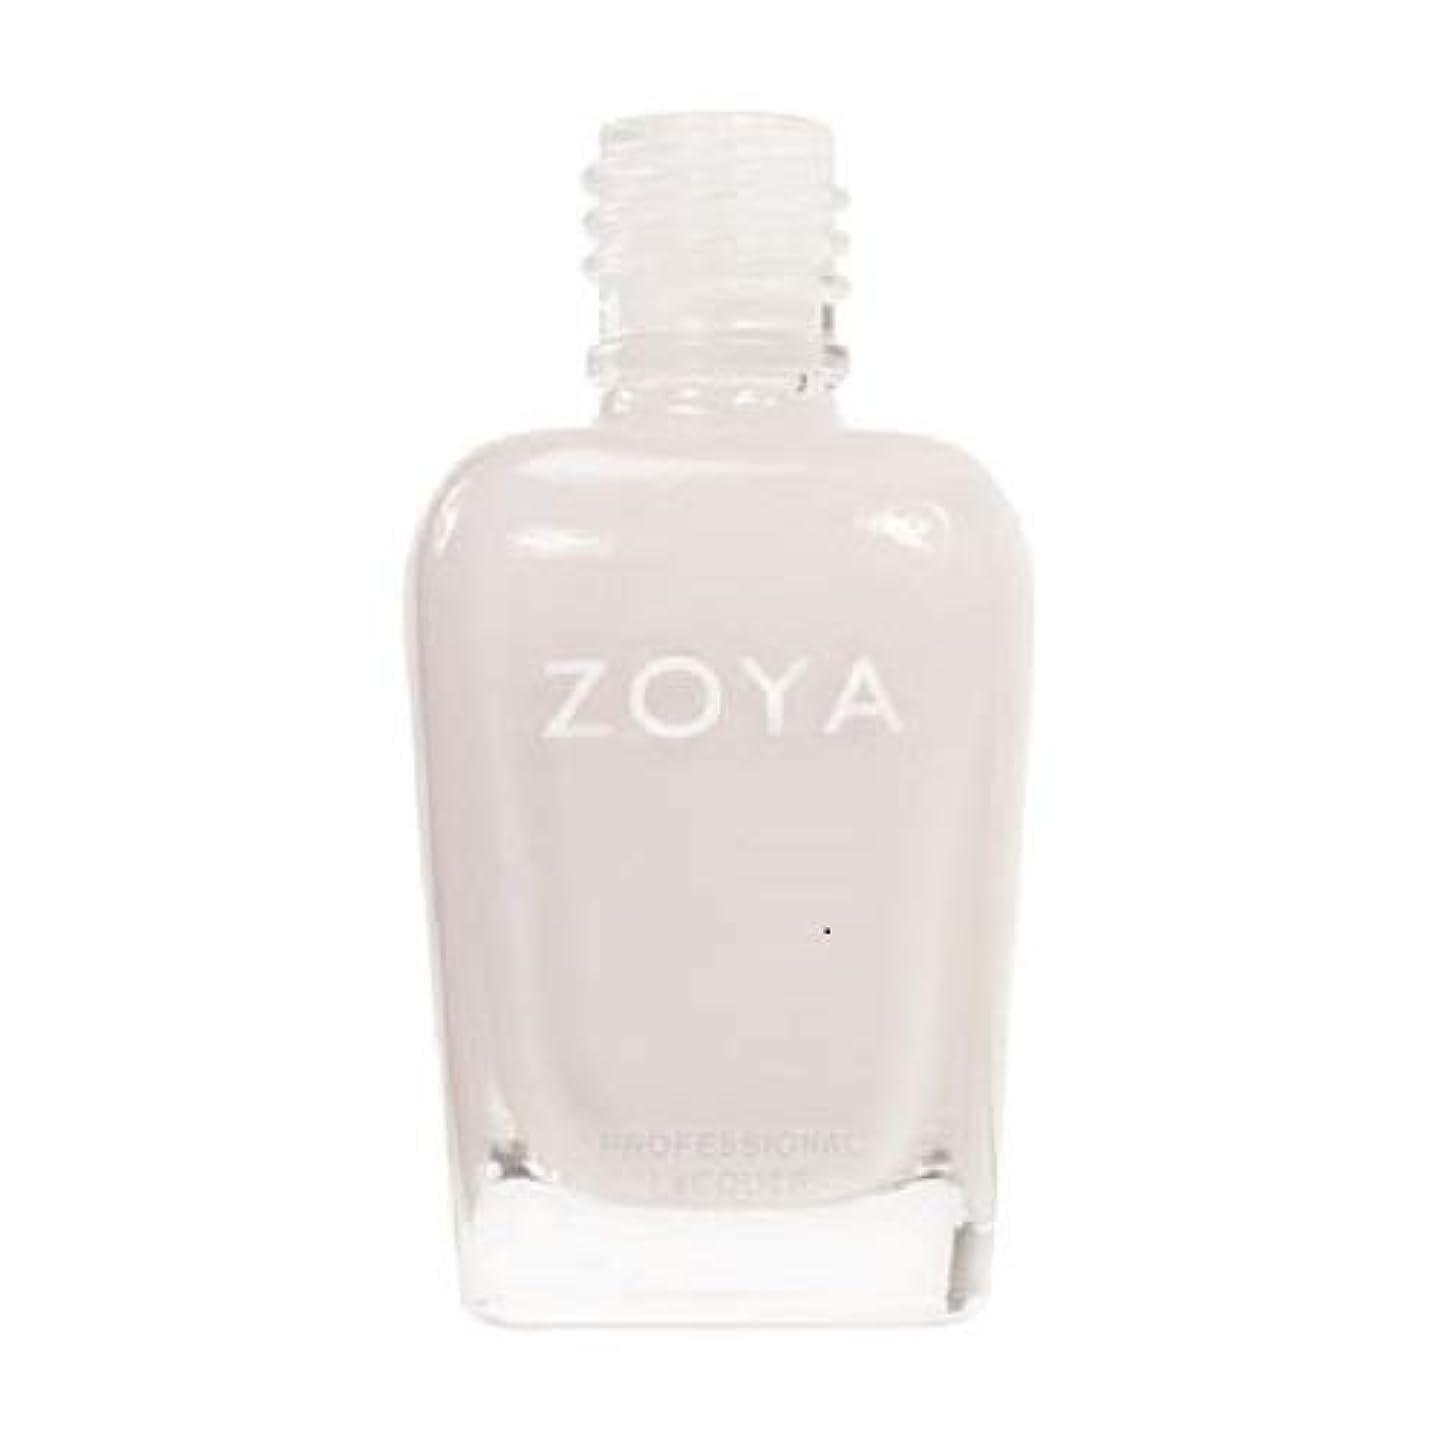 上院汚染魔法ZOYA ネイルカラーZP235 SABRINA サブリナ 15ml ほのかに色づくピンクをまとったホワイト シアー/クリーム 爪にやさしいネイルラッカーマニキュア